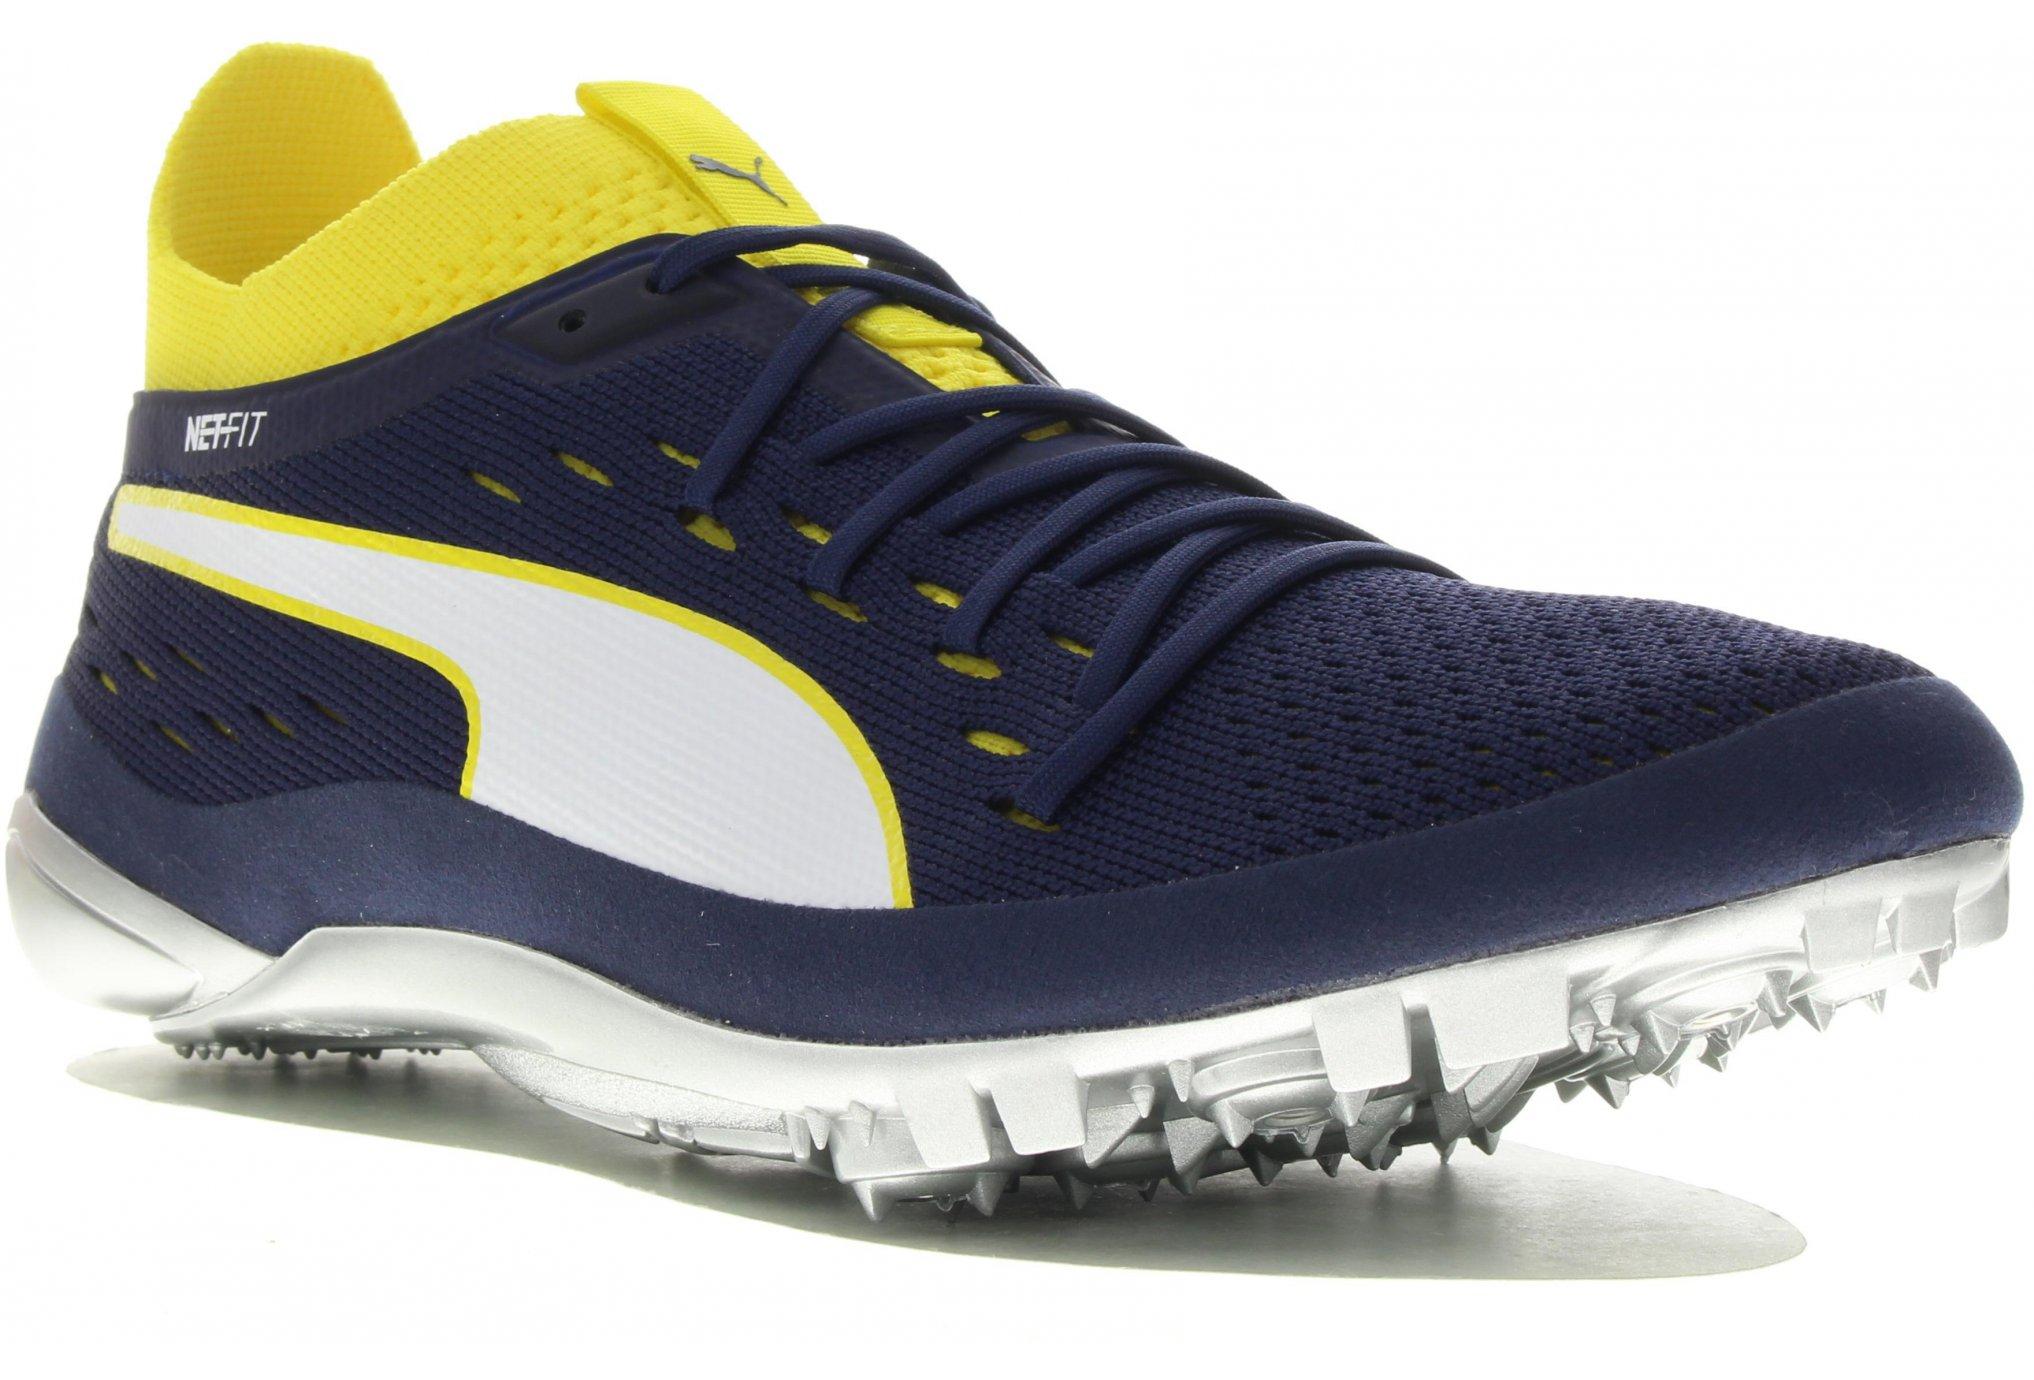 Puma EvoSpeed Netfit Sprint 2 M Diététique Chaussures homme